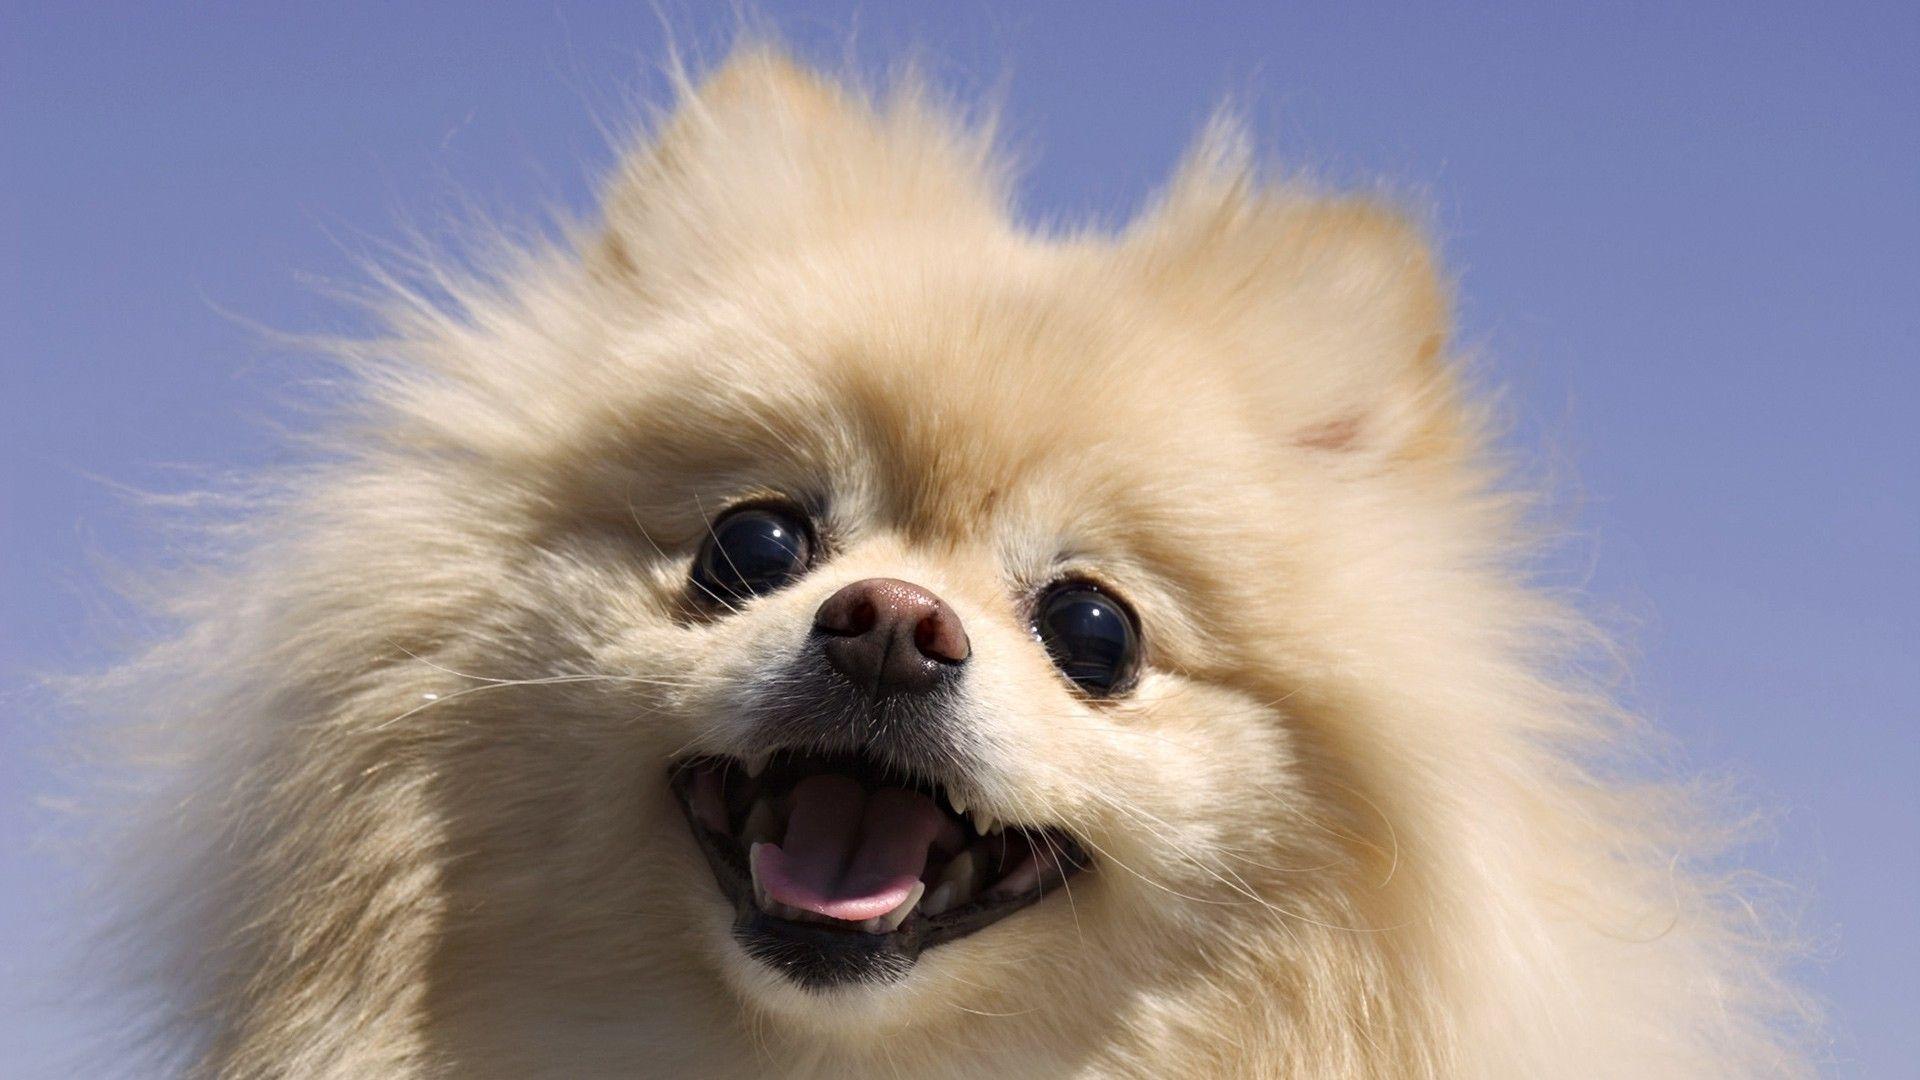 Cute Fluffy Puppy Dog | Pets | Pinterest | Puppys, Cute ...